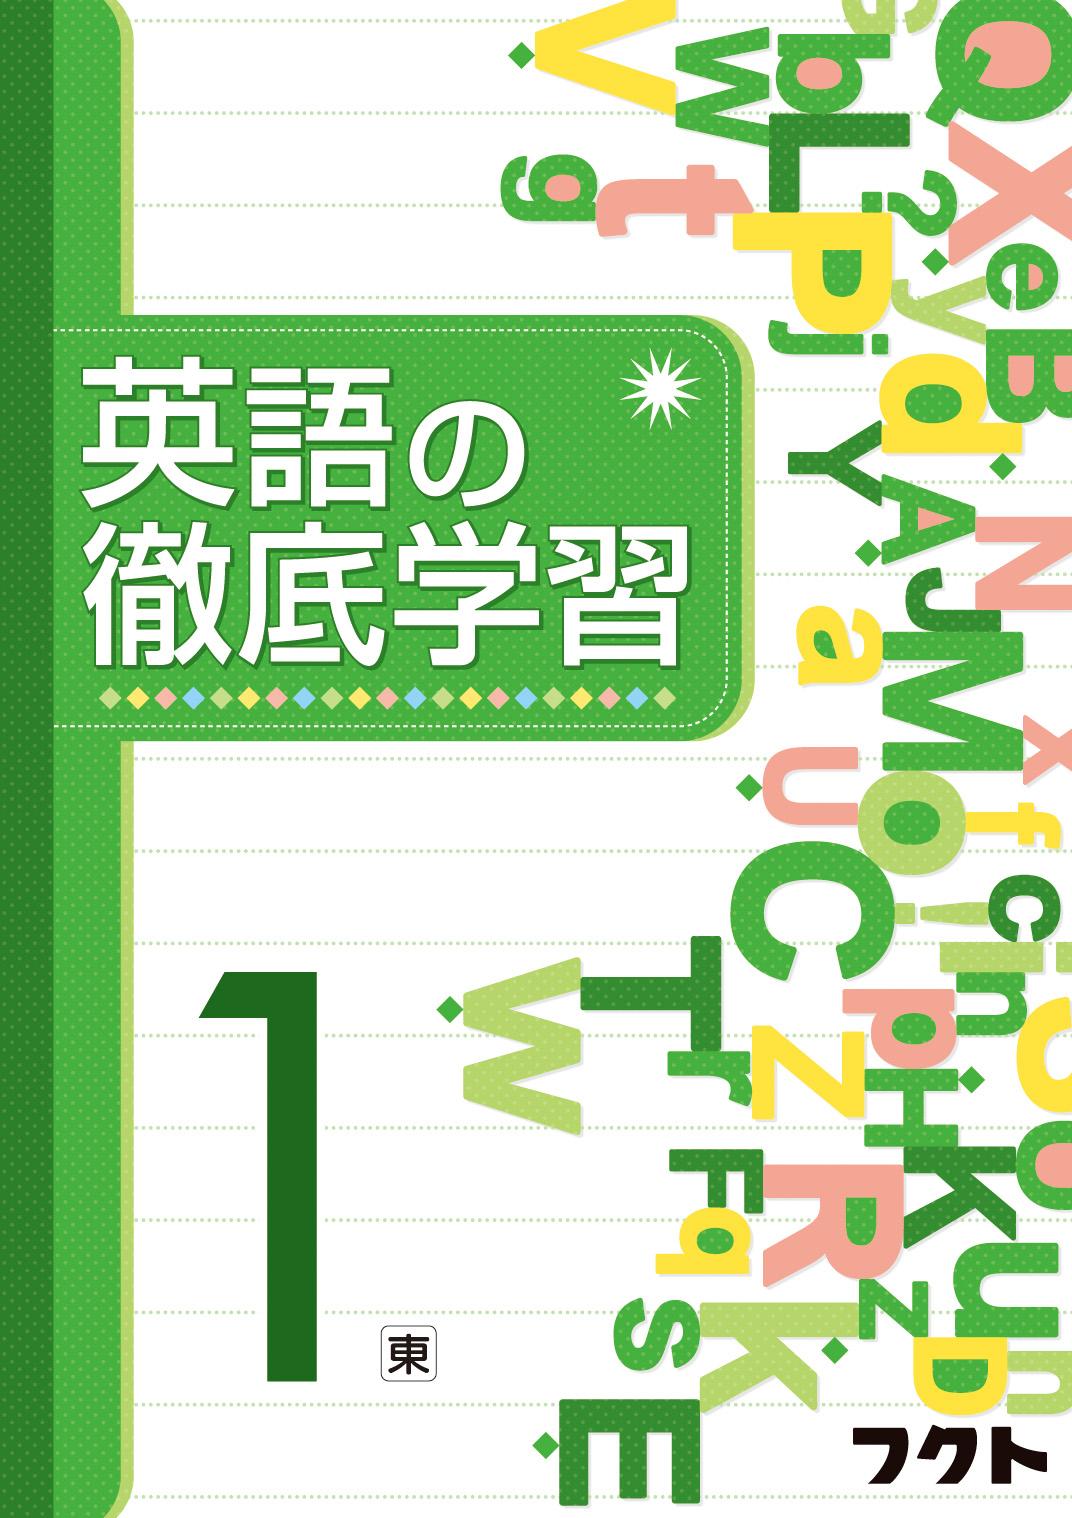 英語の徹底学習(東京書籍版/開隆堂版/三省堂版)<1年生>